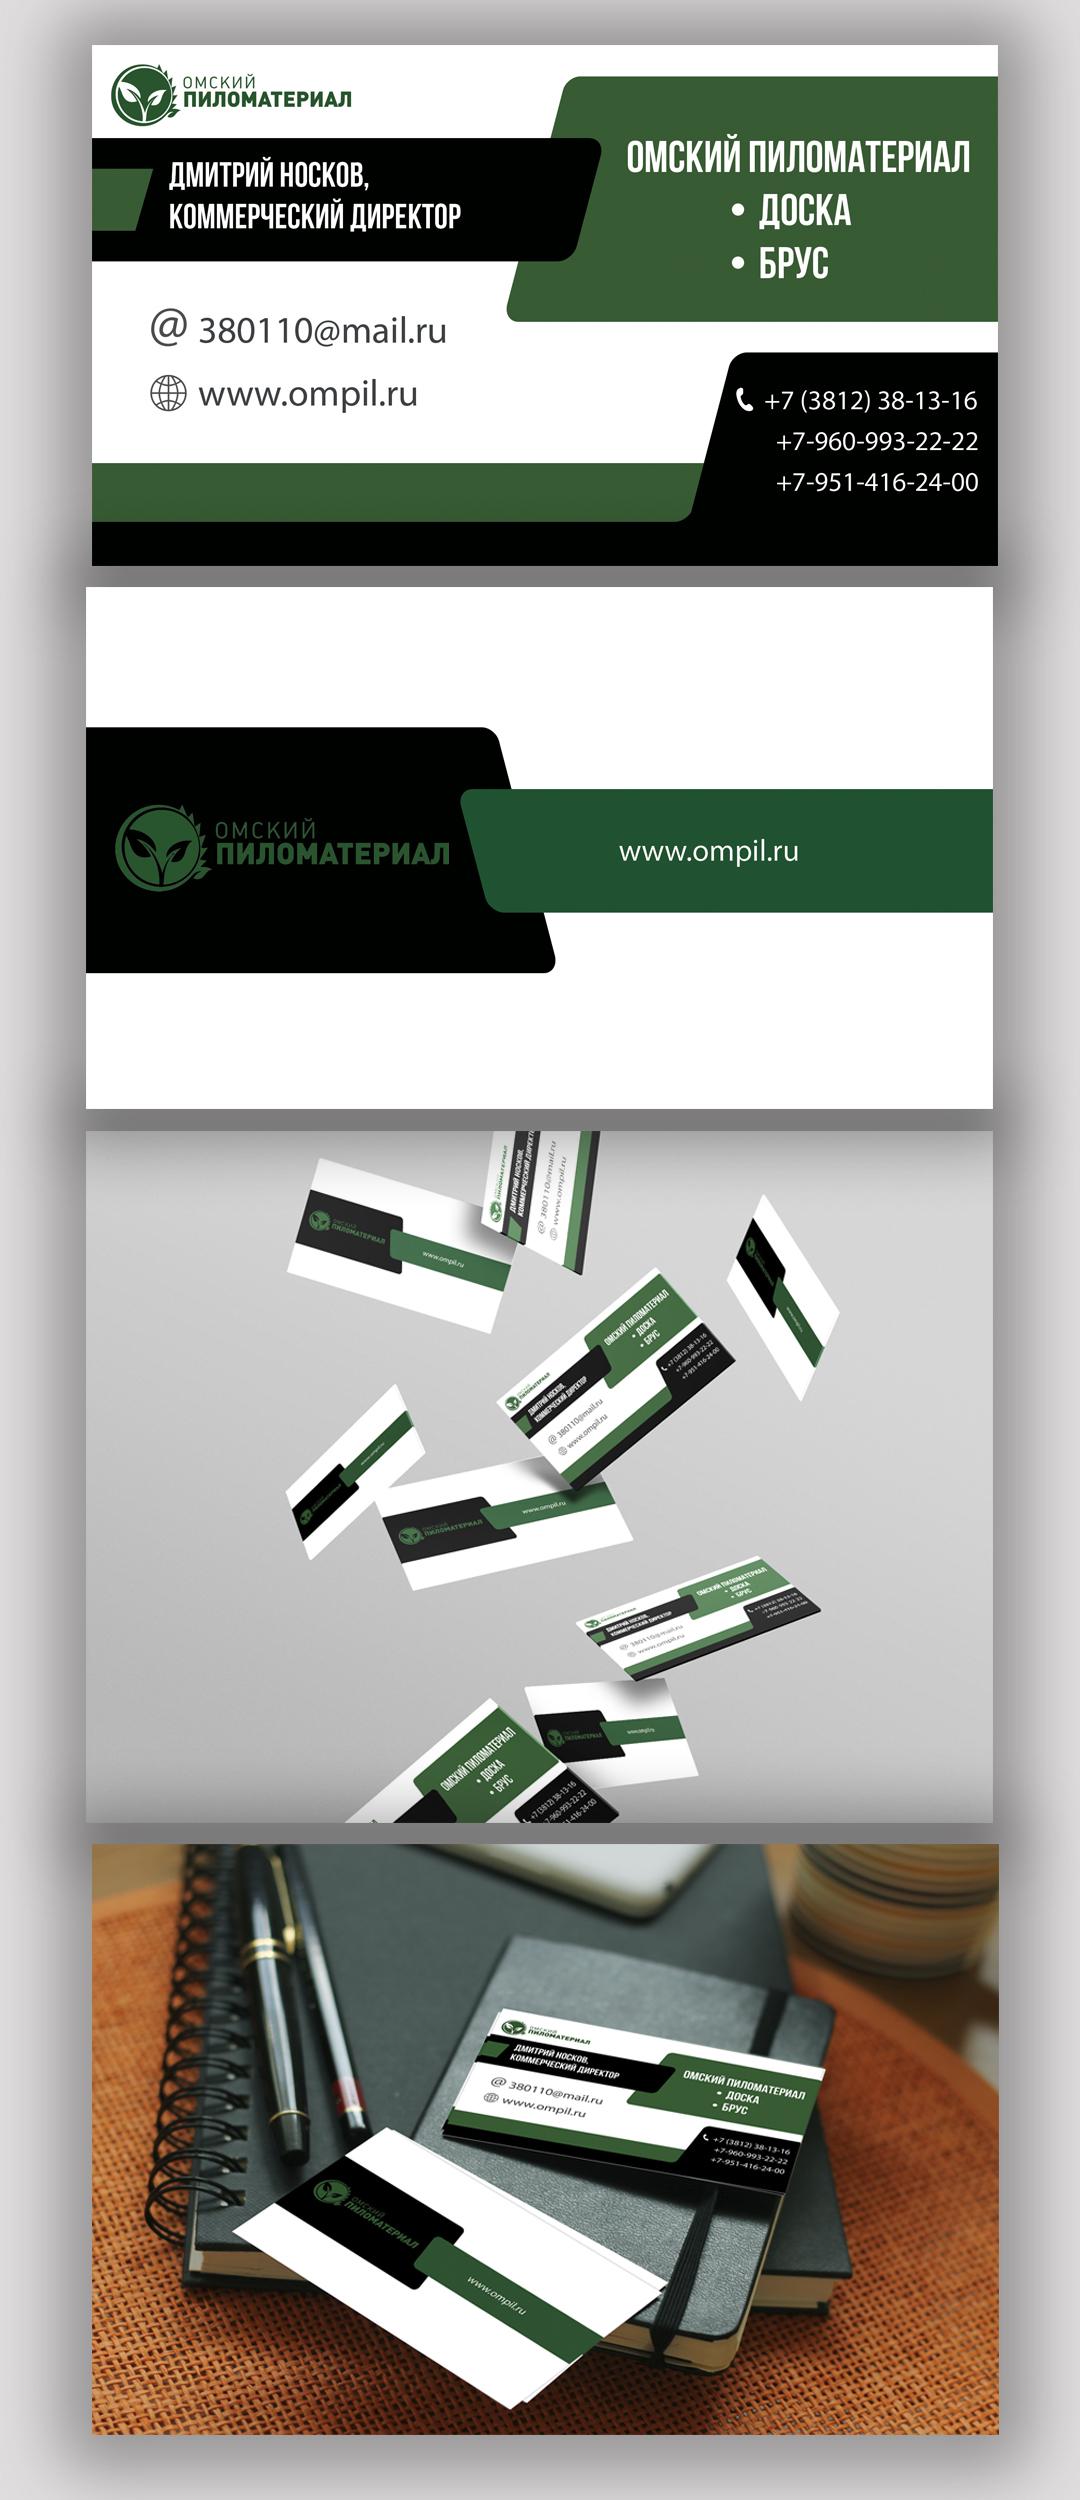 Разработка визитки для компании «Омский пиломатериал»